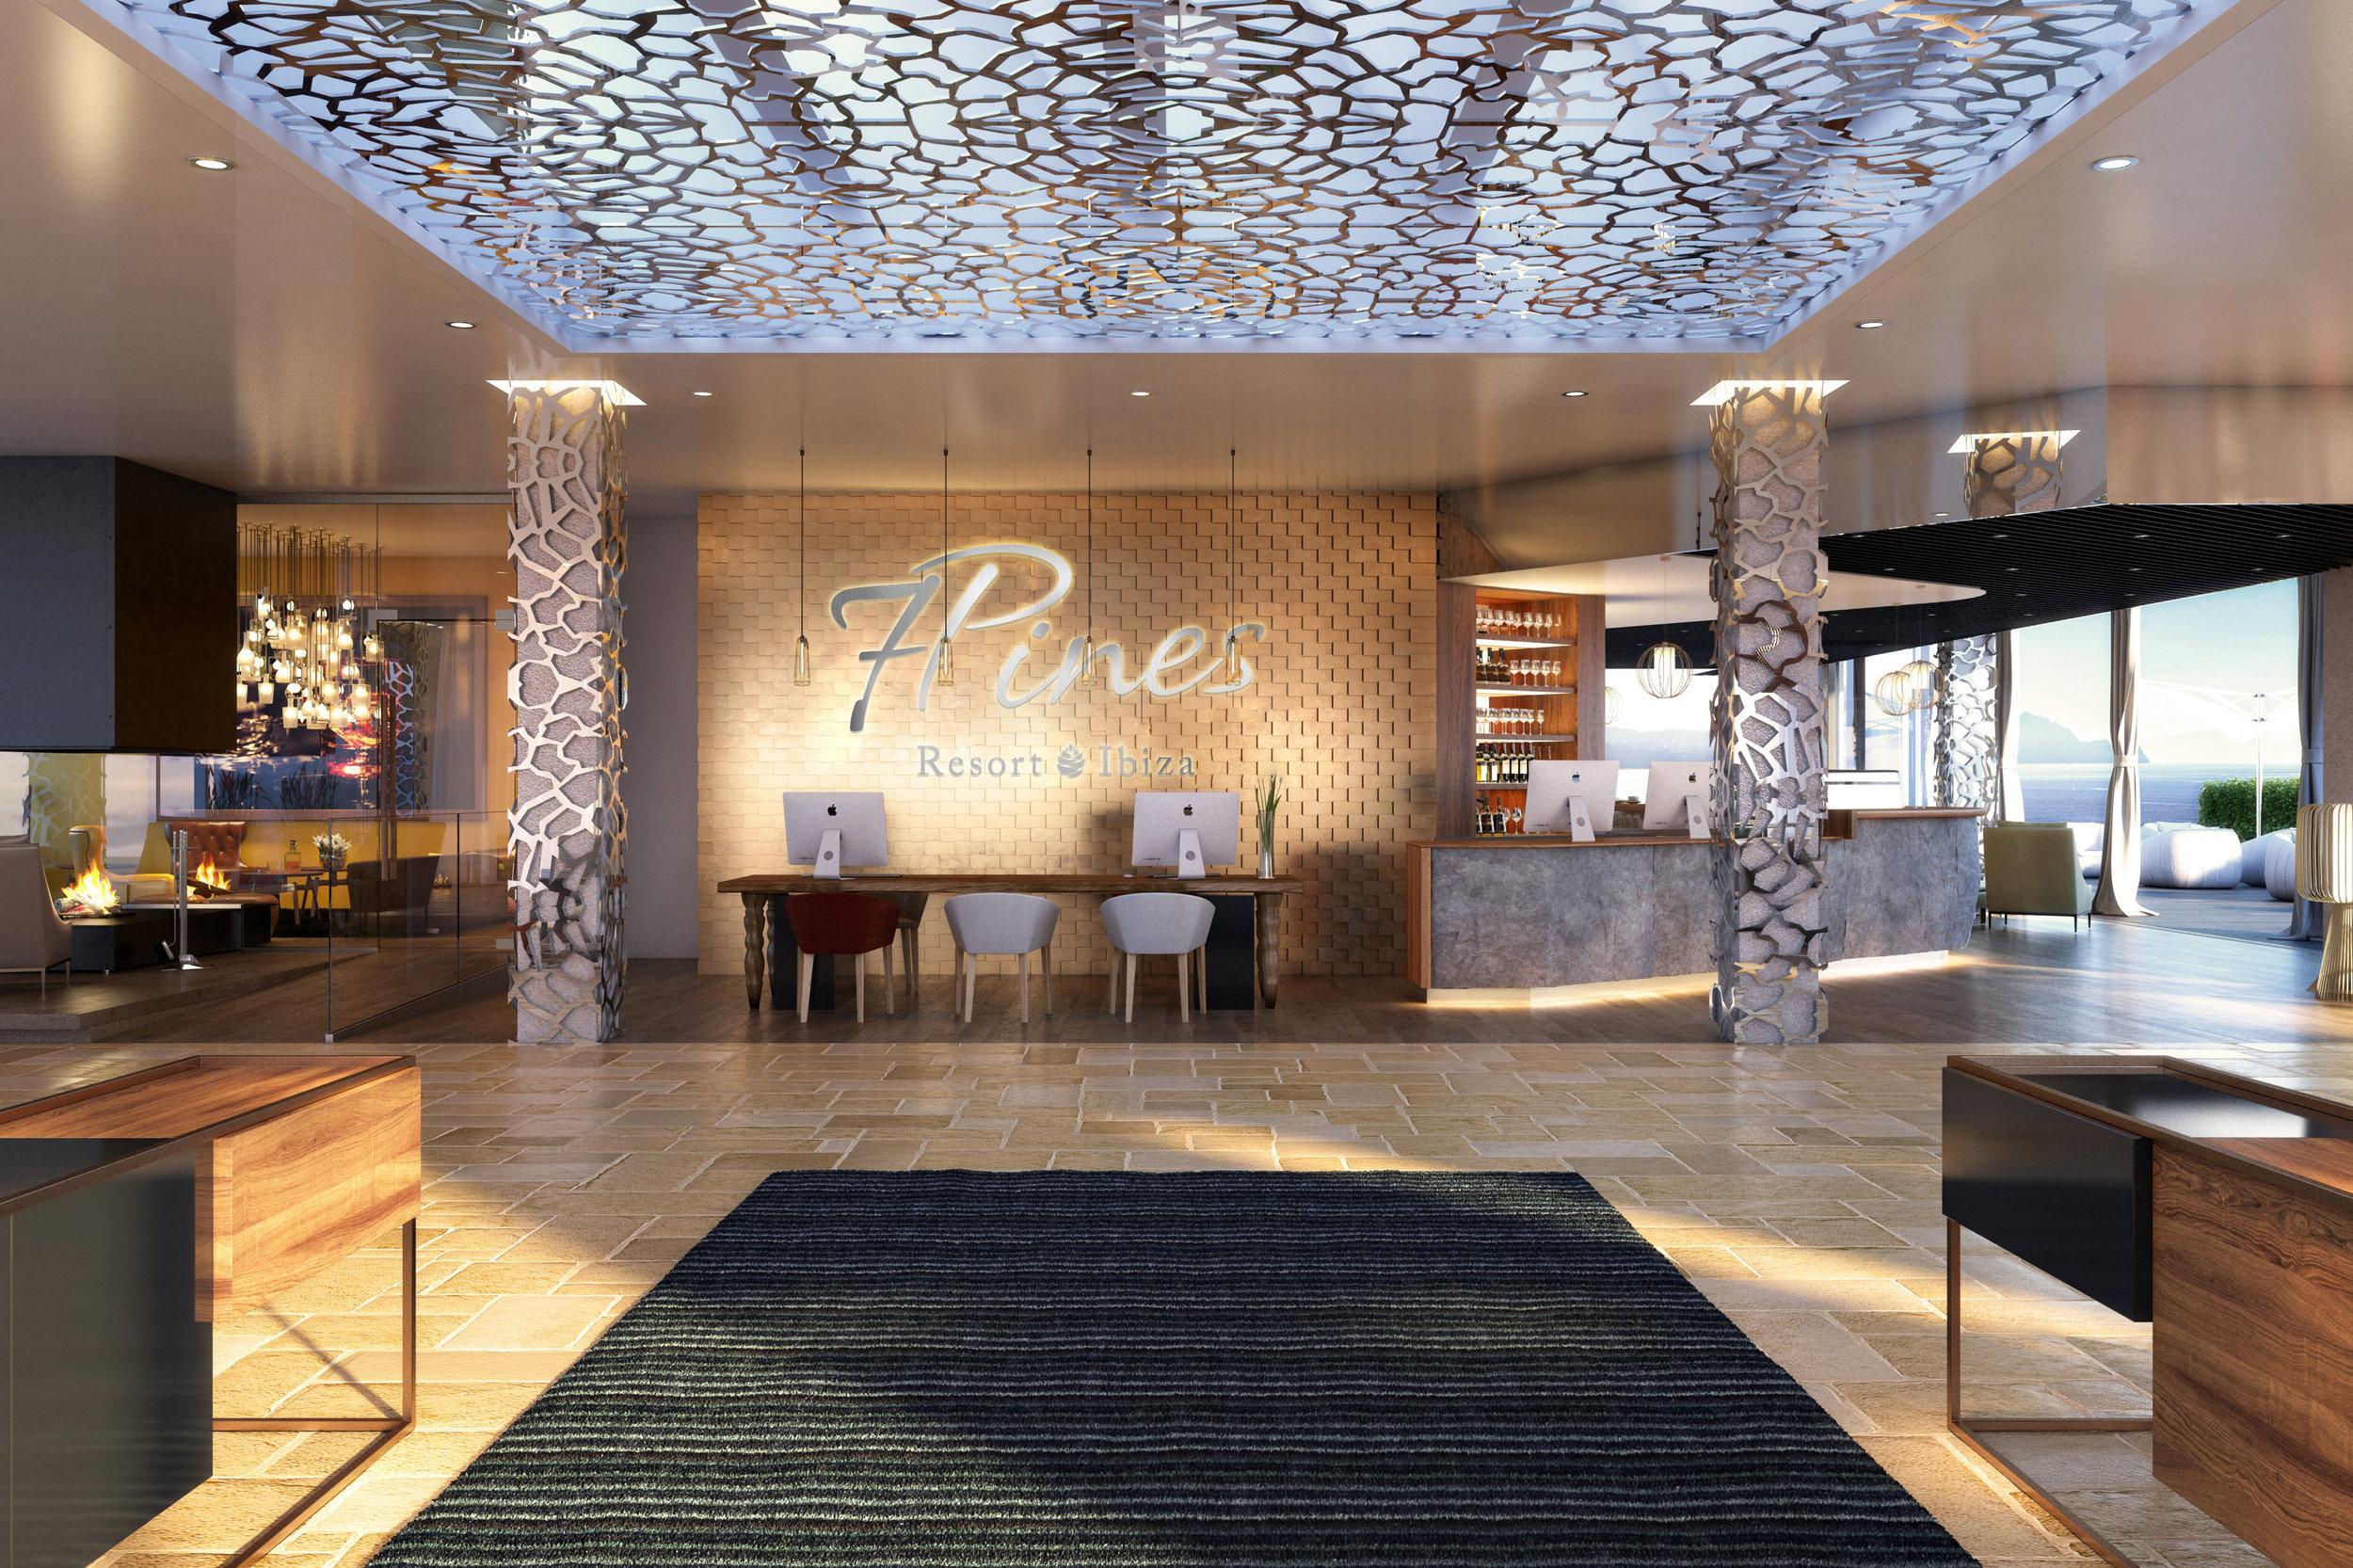 7Pines Resort Ibiza lobby